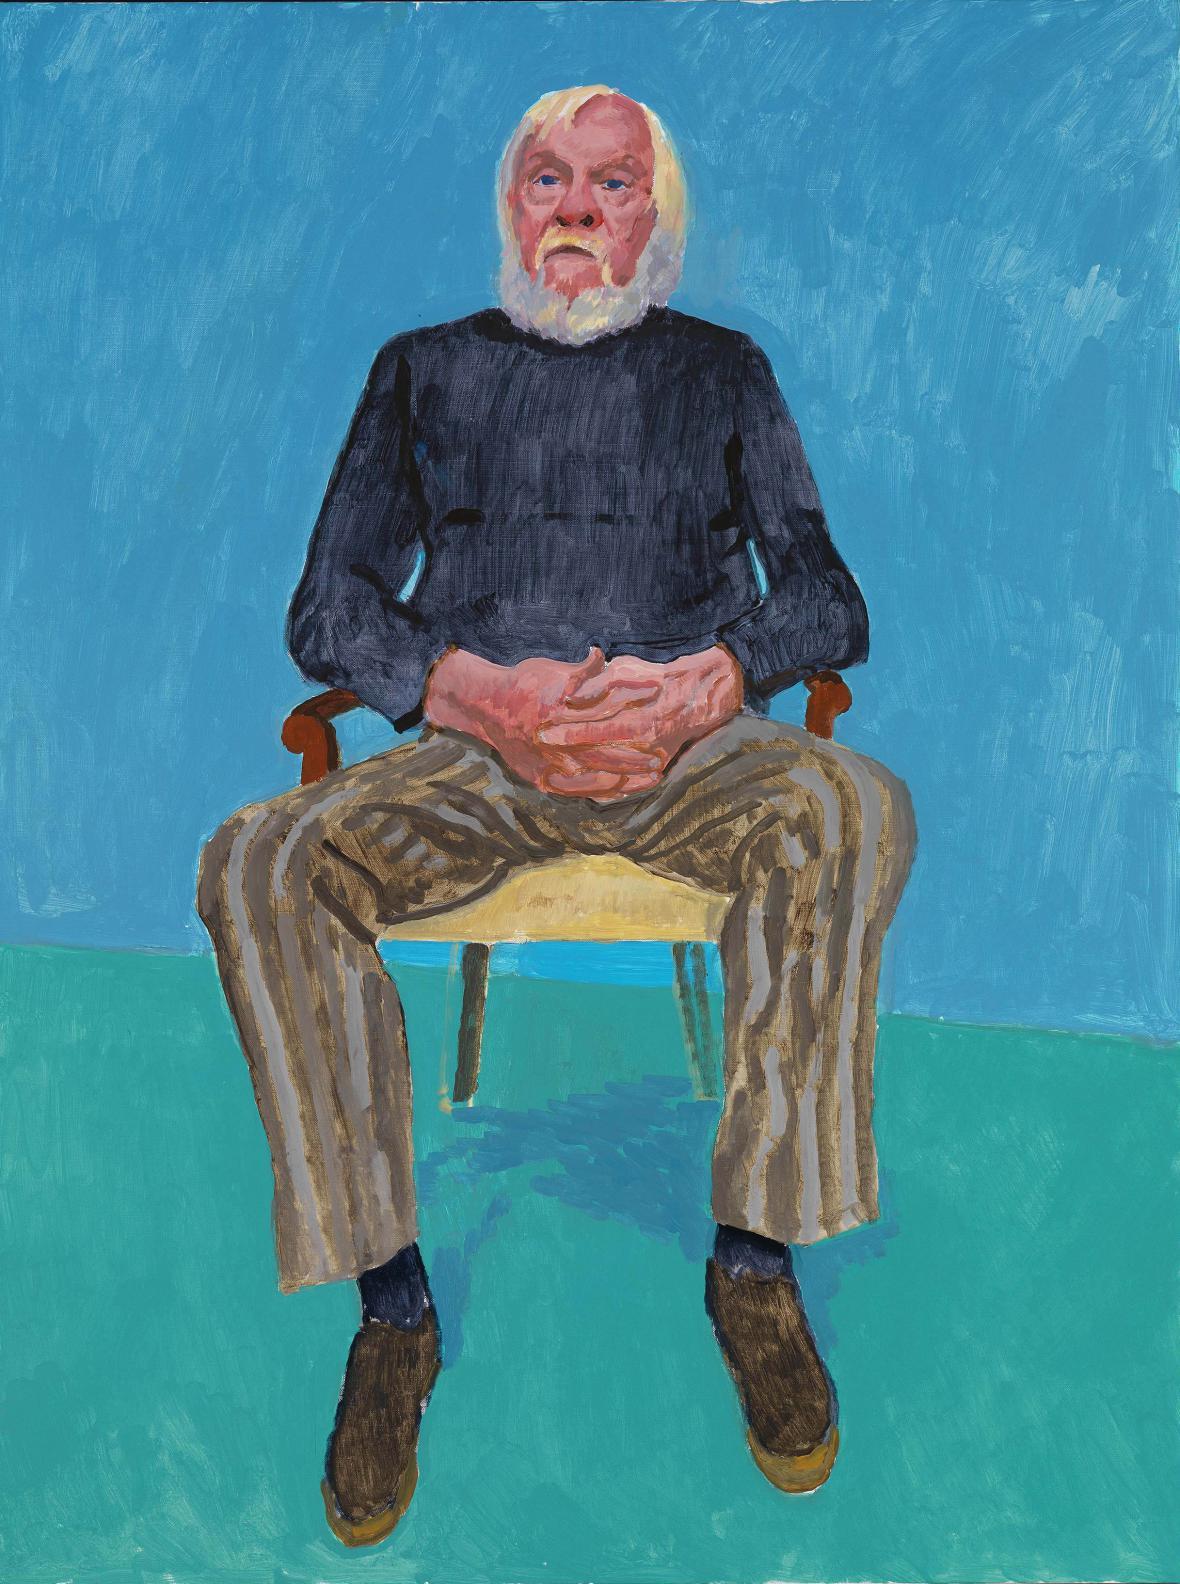 David Hockney / John Baldessar, 2013